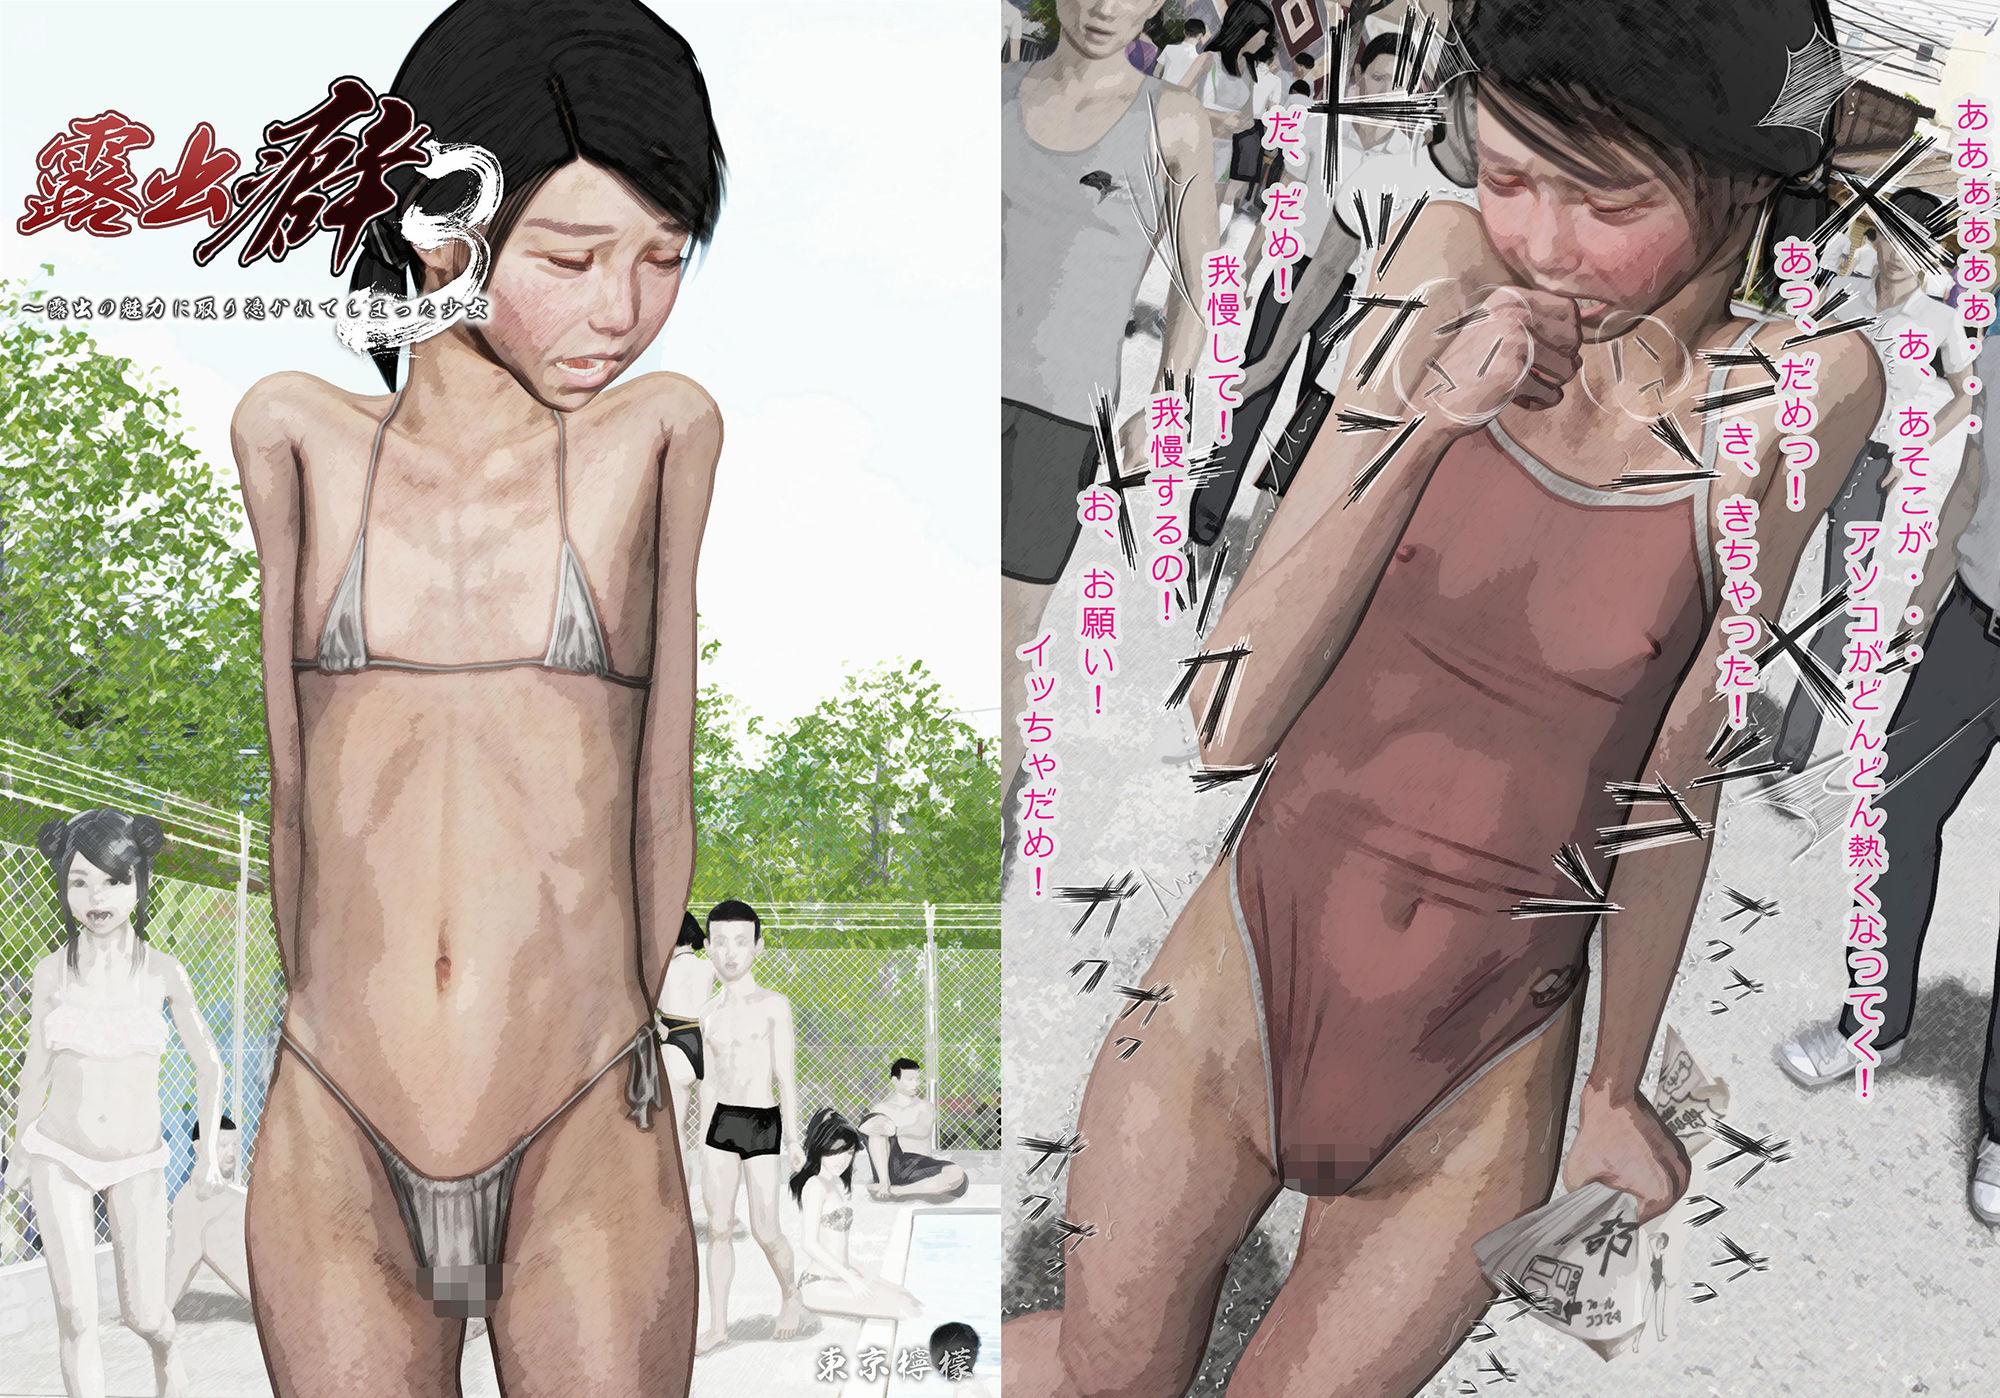 【東京檸檬 同人】露出癖3~露出の魅力に取り憑かれてしまった少女